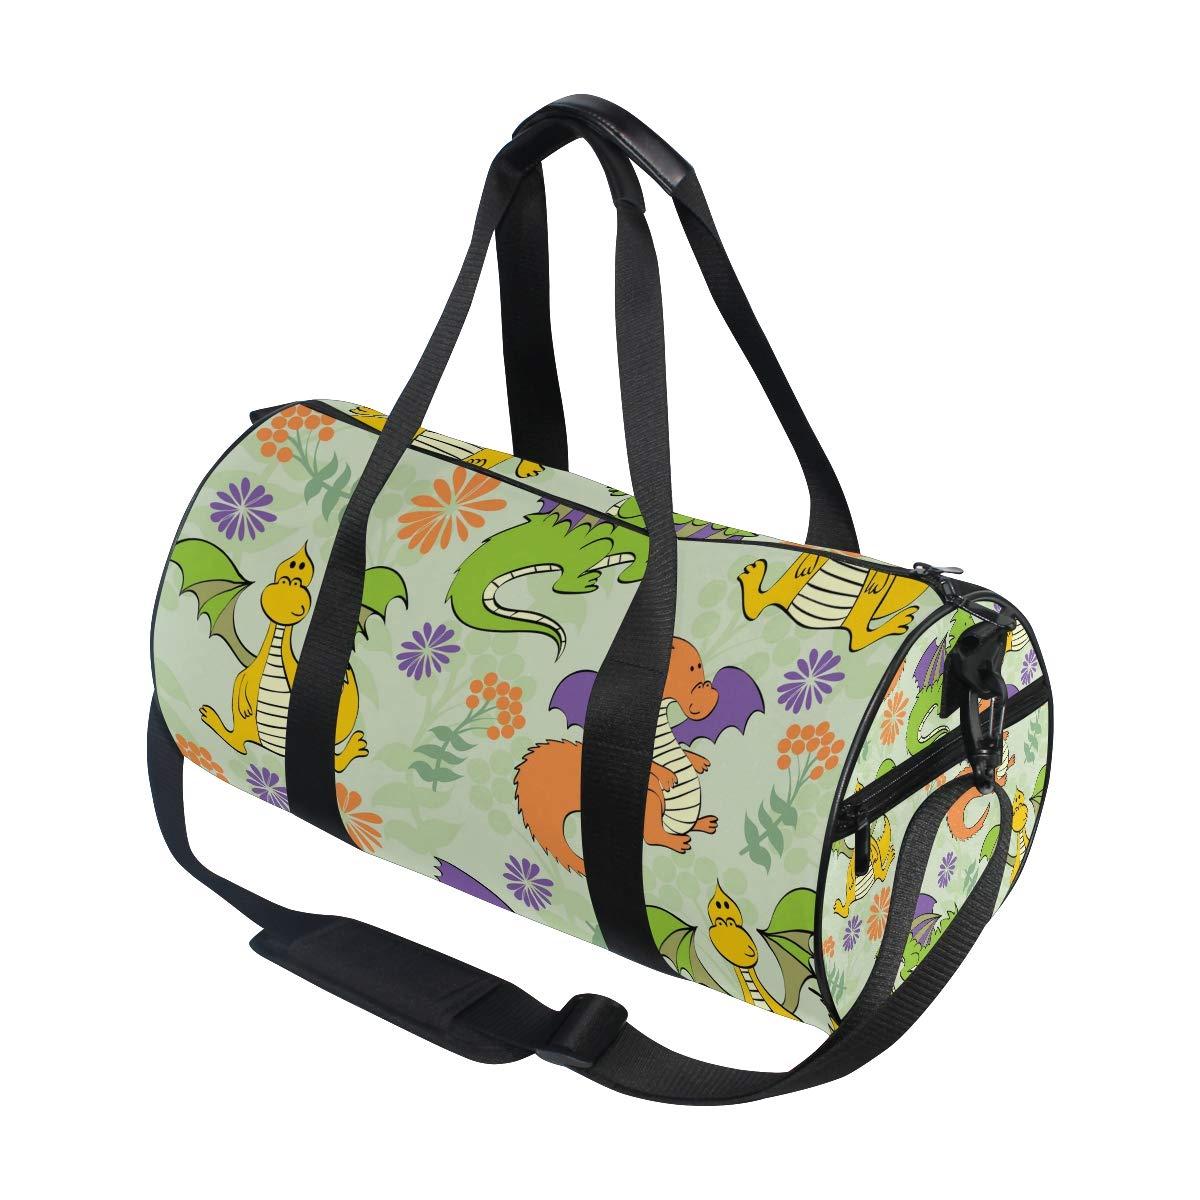 WIHVE Gym Duffel Bag Cartoon Dinosaur Floral Sports Lightweight Canvas Travel Luggage Bag